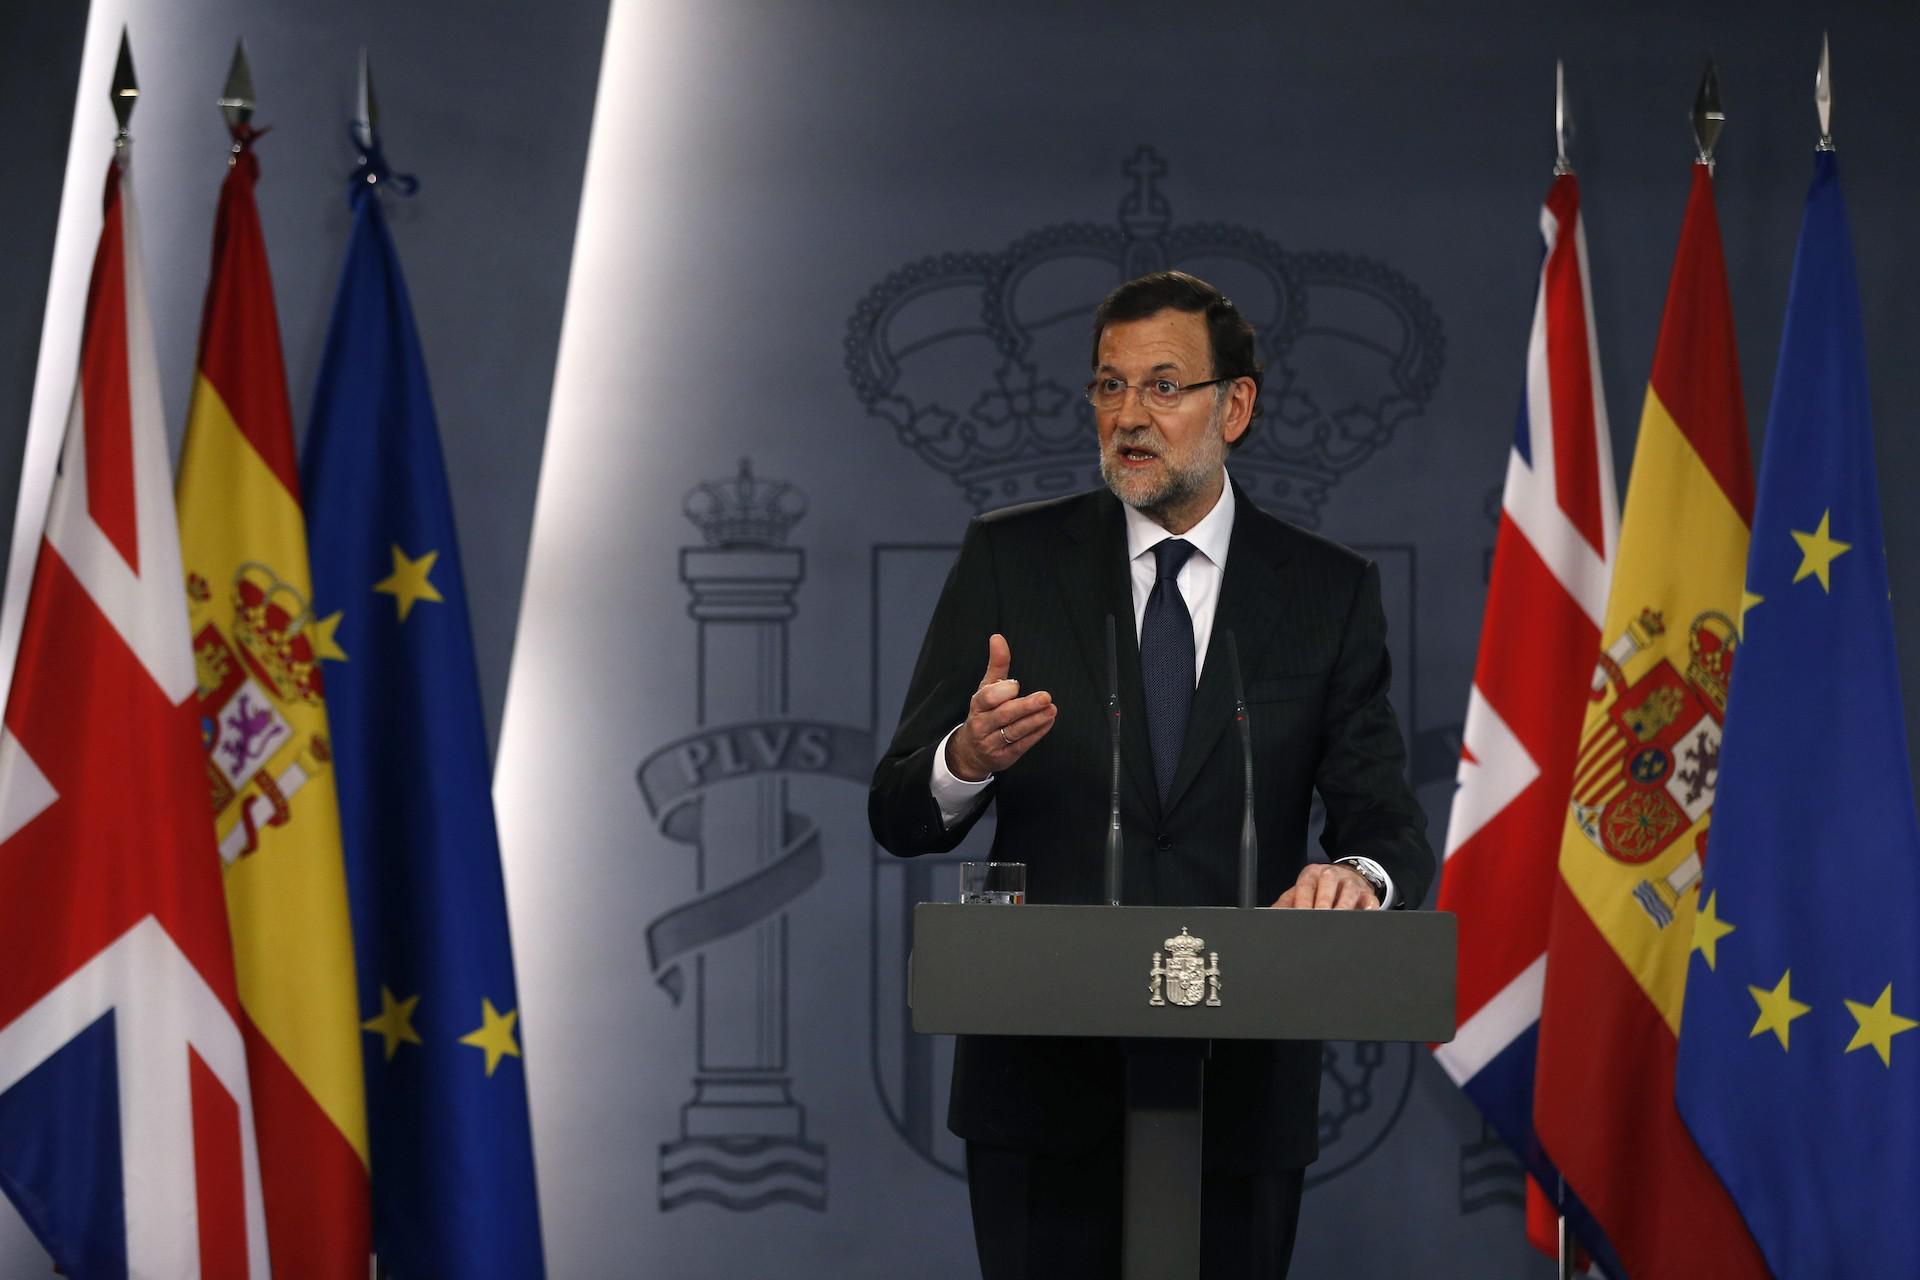 Rajoy se retrasa en la comparecencia ante los medios. La rueda de prensa estaba programada a las 13 horas.